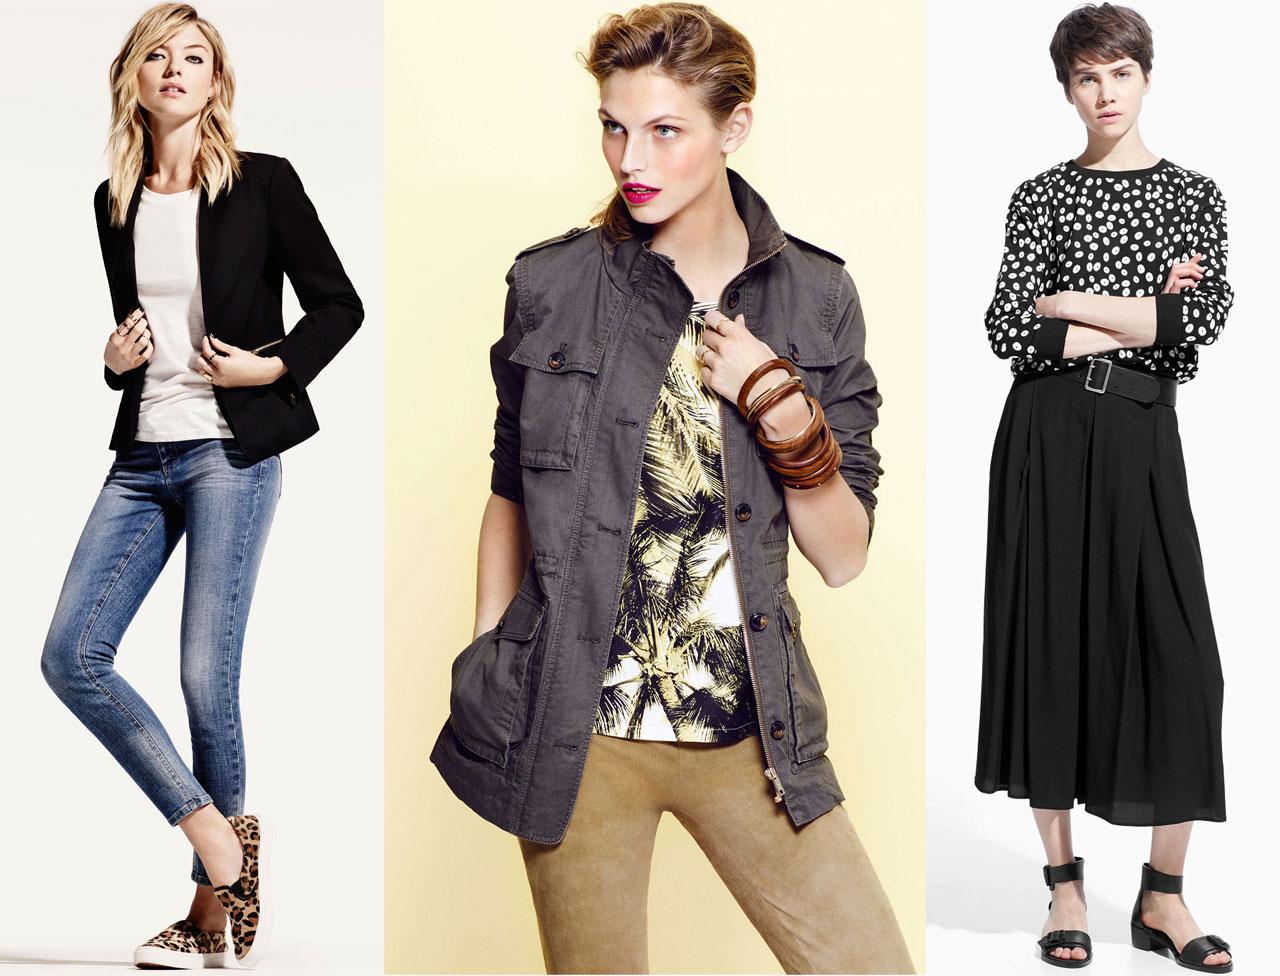 Mode tendance j 39 ai une amie folle de mode - Mode printemps etequelles sont les tendances a suivre ...